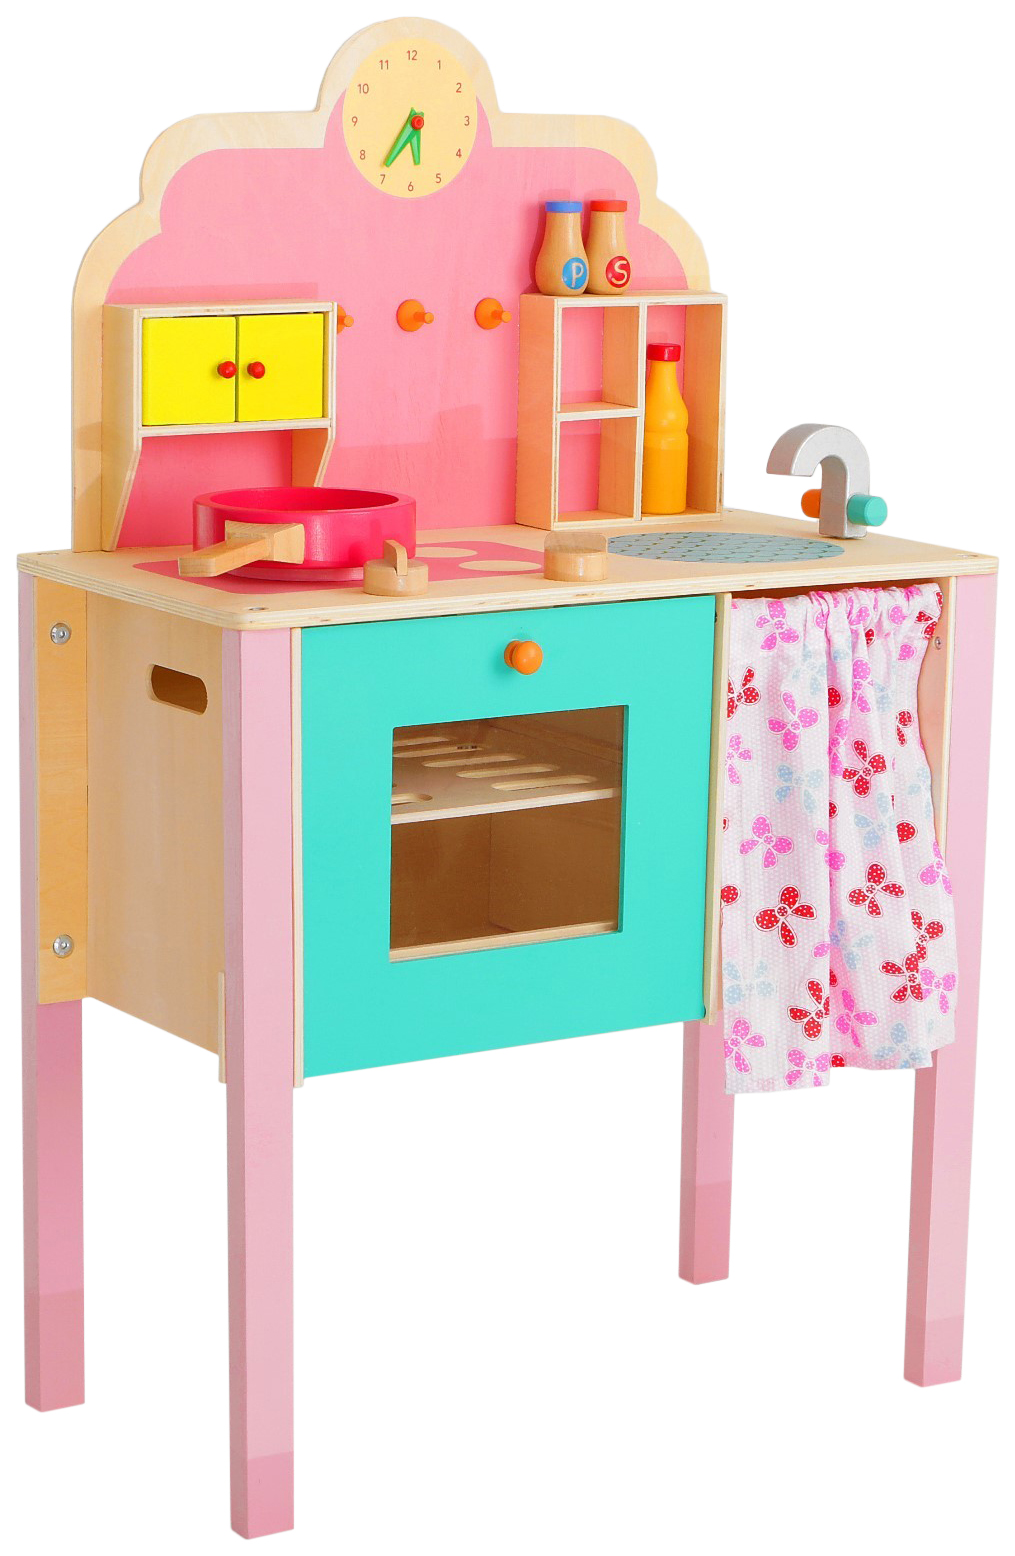 Купить Игровой набор Моя первая кухня , деревянная посуда в наборе Sima-Land, Детская кухня